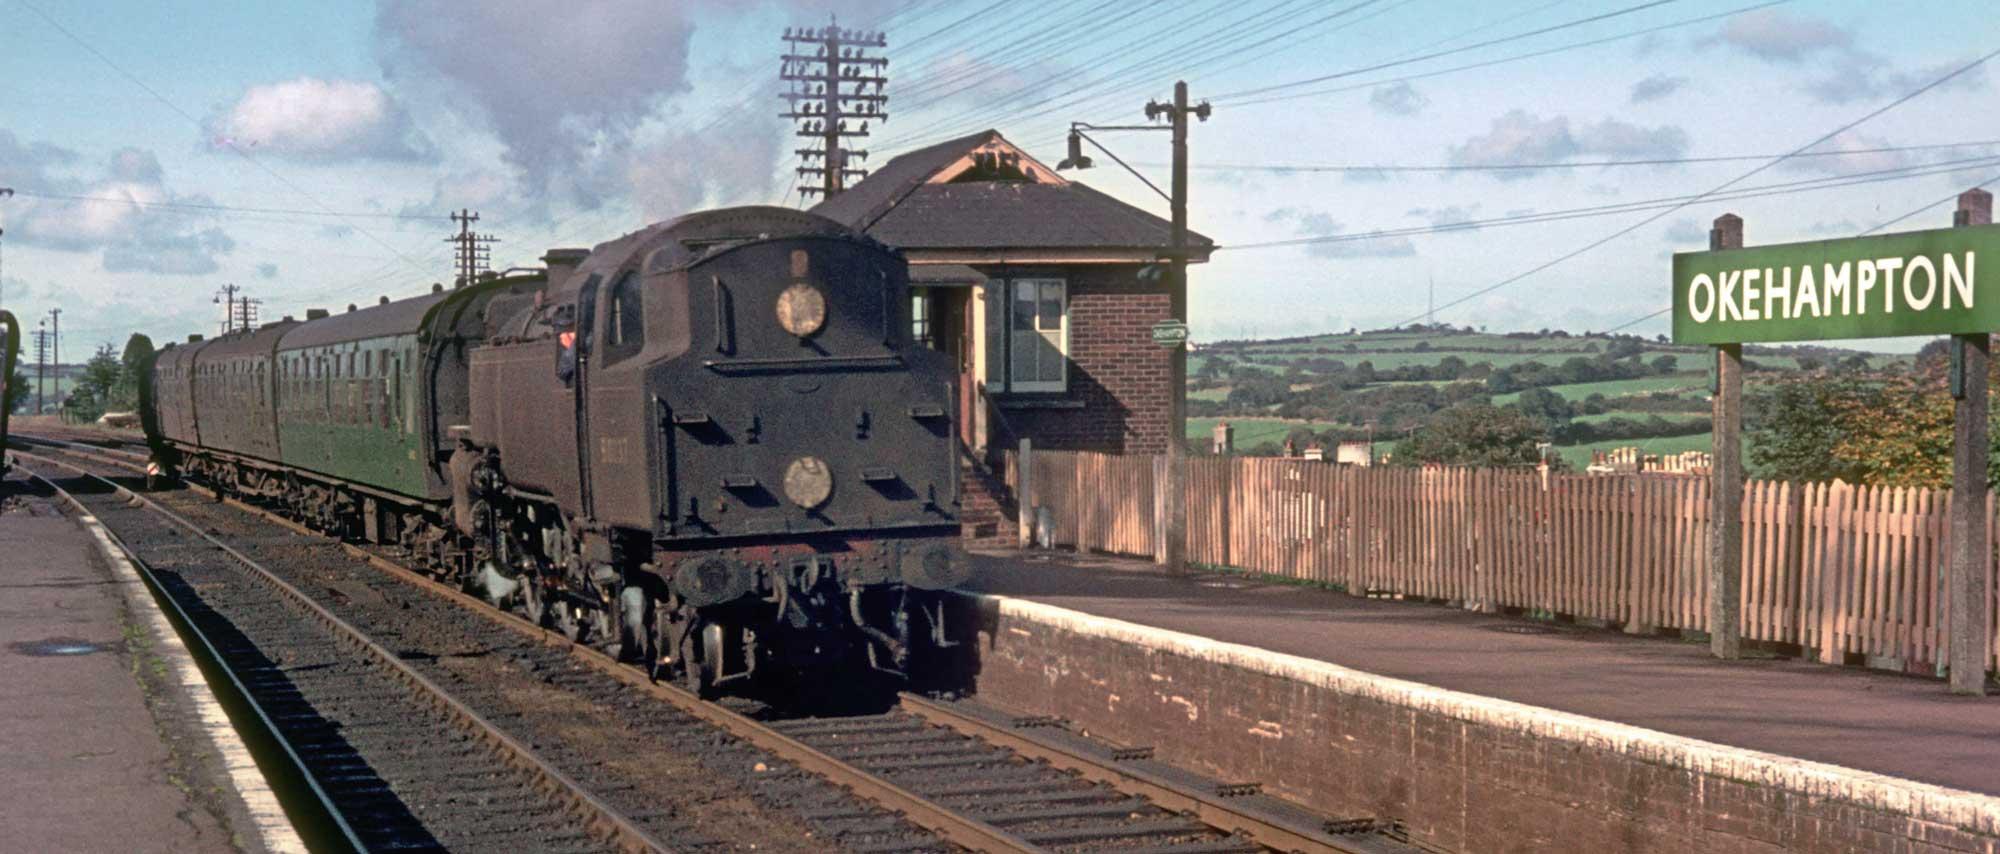 80037 at Okehampton station, 1964